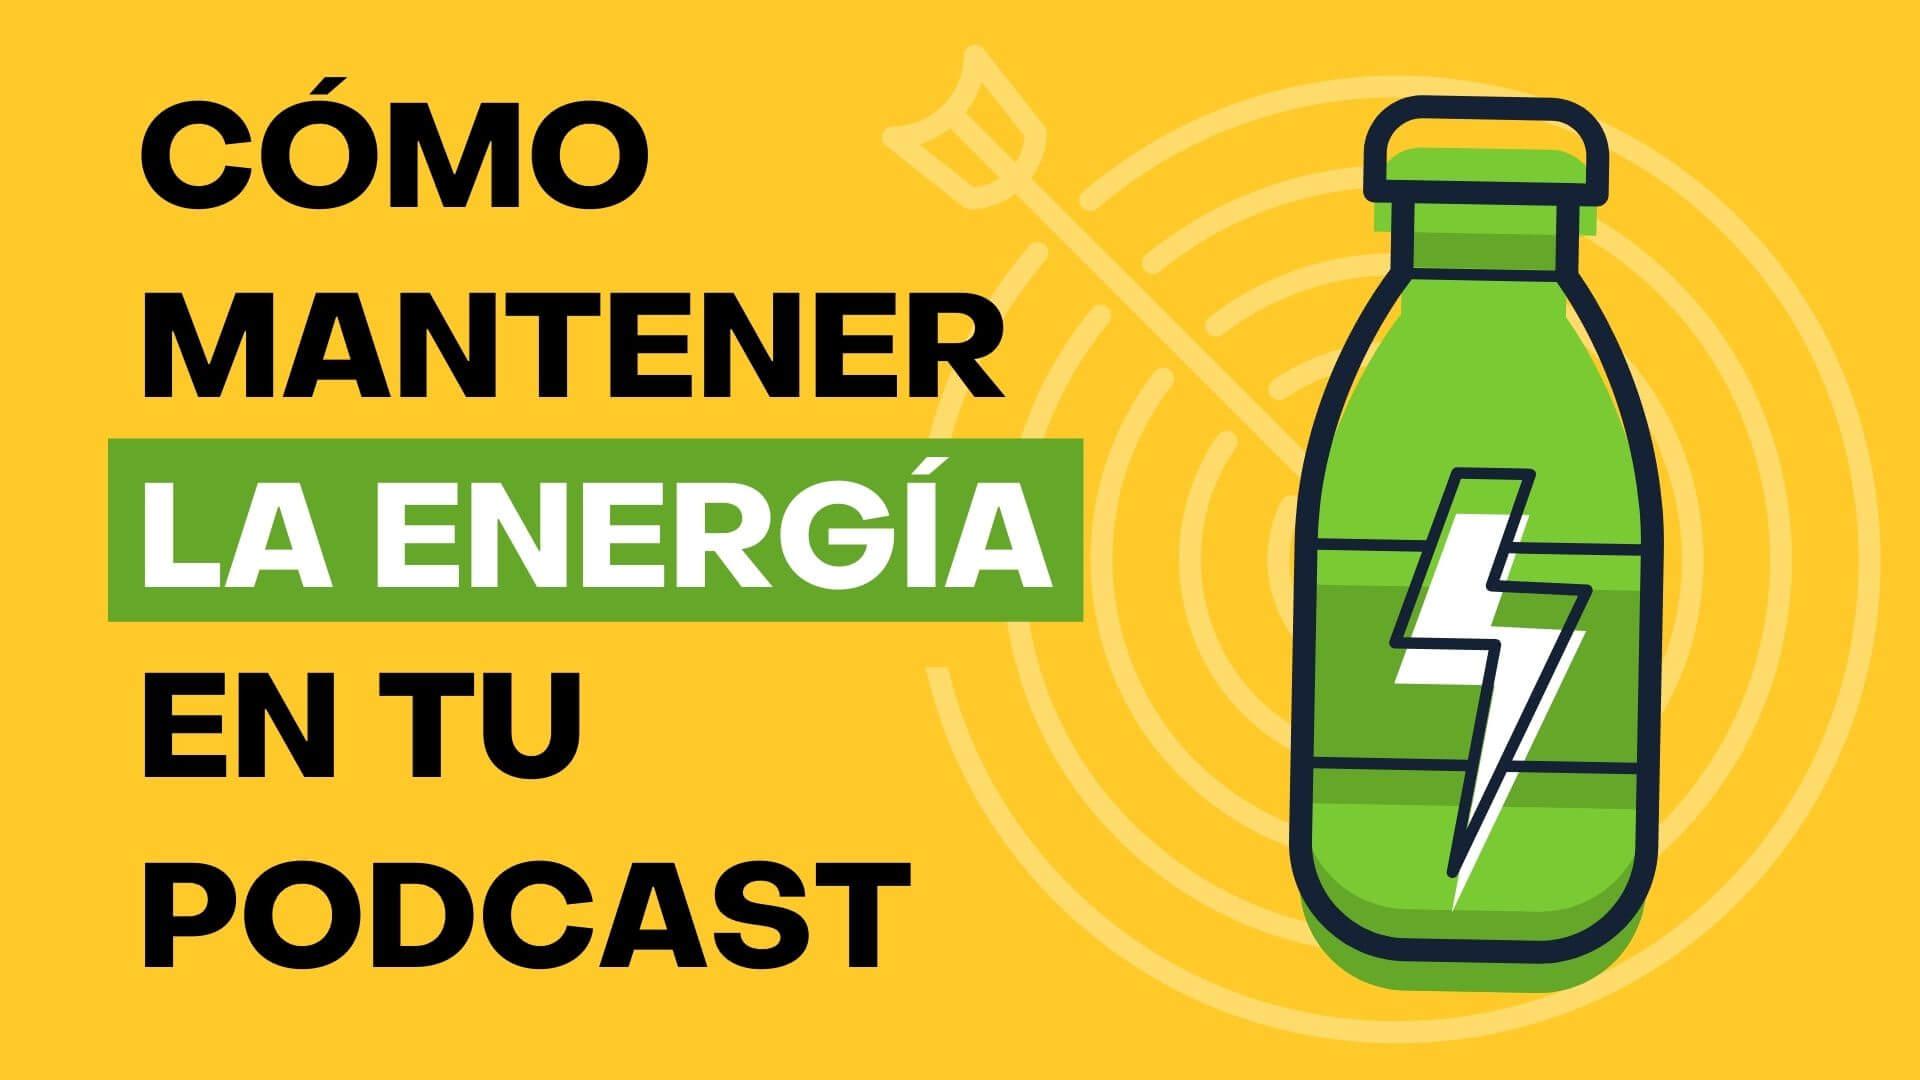 124. ¿Cómo hago para mantener la energía y enfoque con mis podcasts?